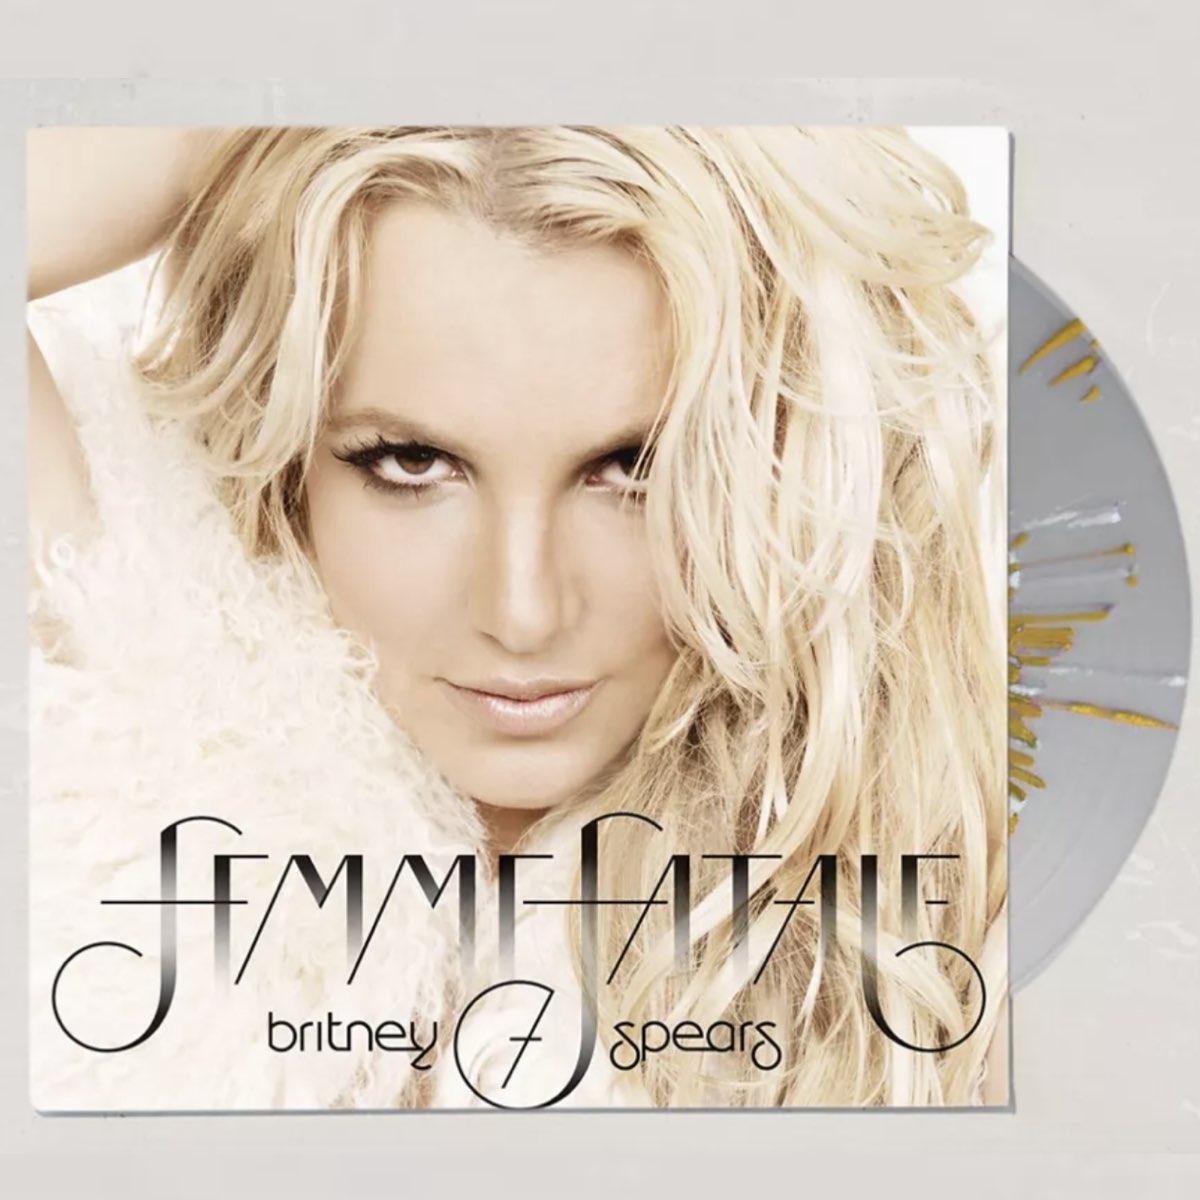 OUTLET - Britney Spears - Femme Fatale [Splattered Vinyl] - SEMIABERTO